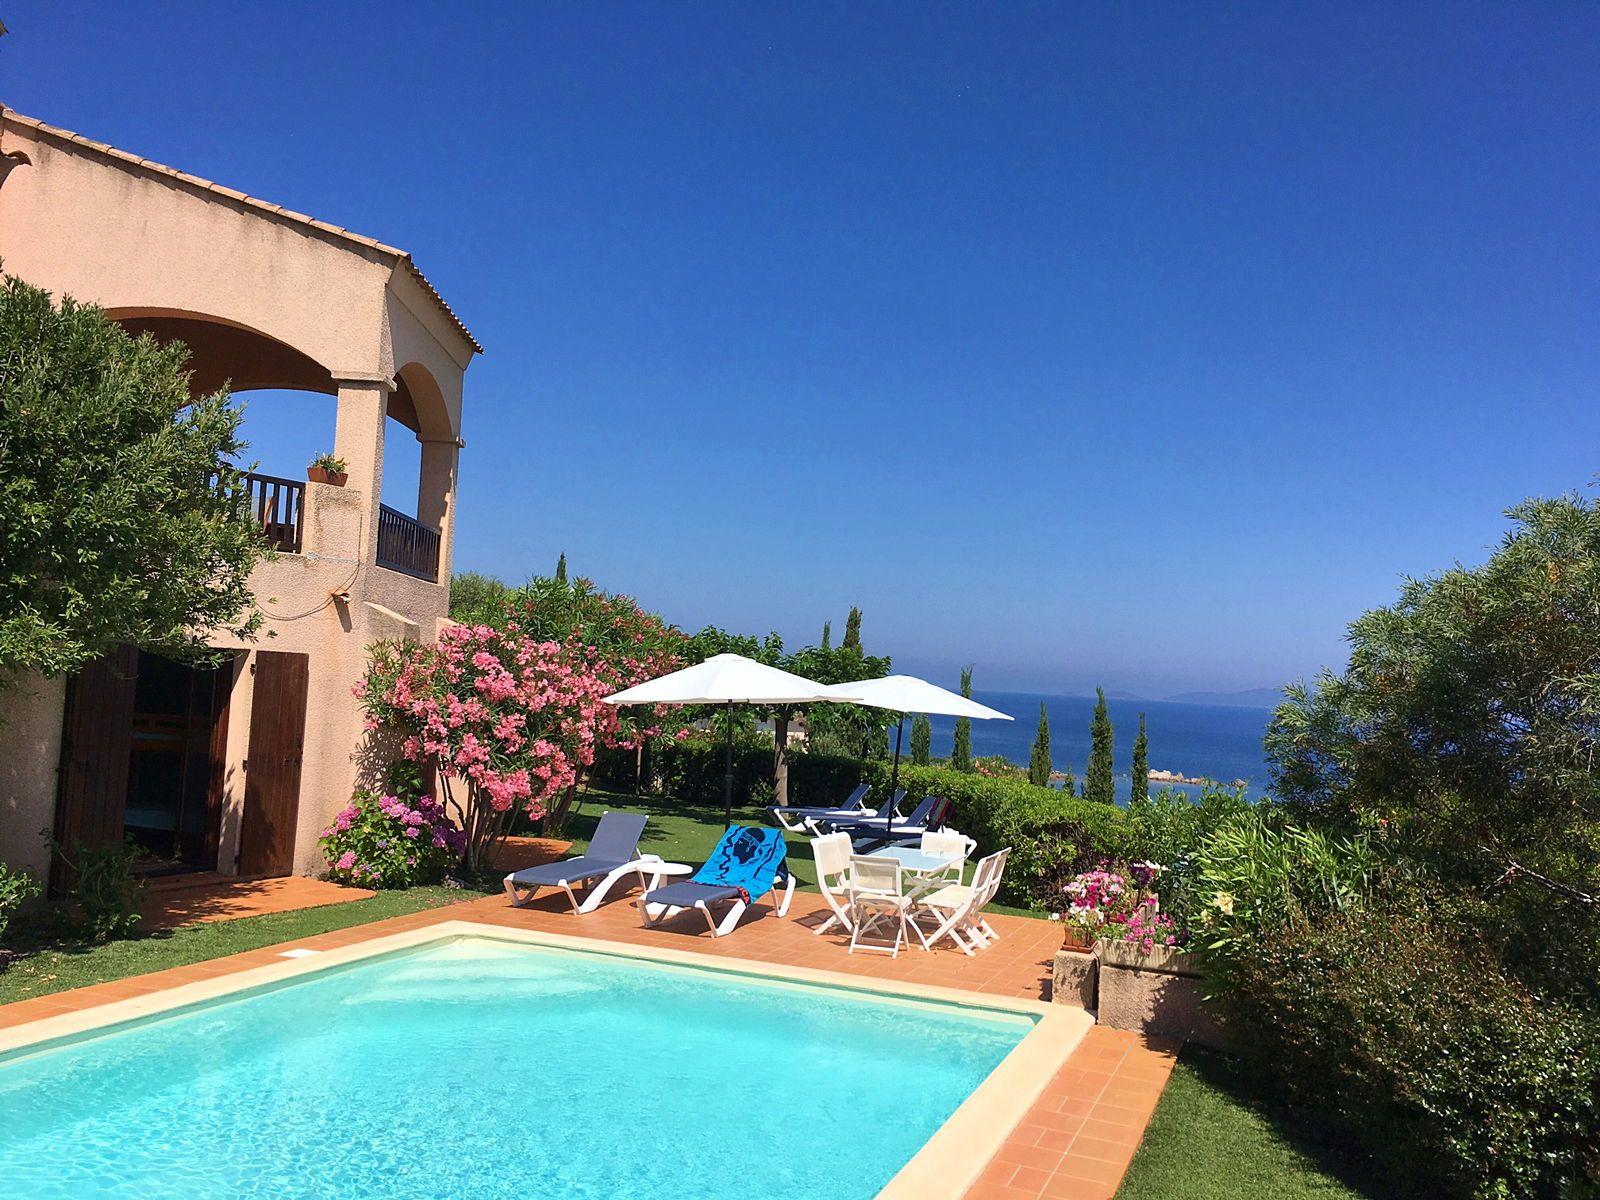 Location Villa Corse- 10couchages- Piscine Privée - Plage 5mn à pied